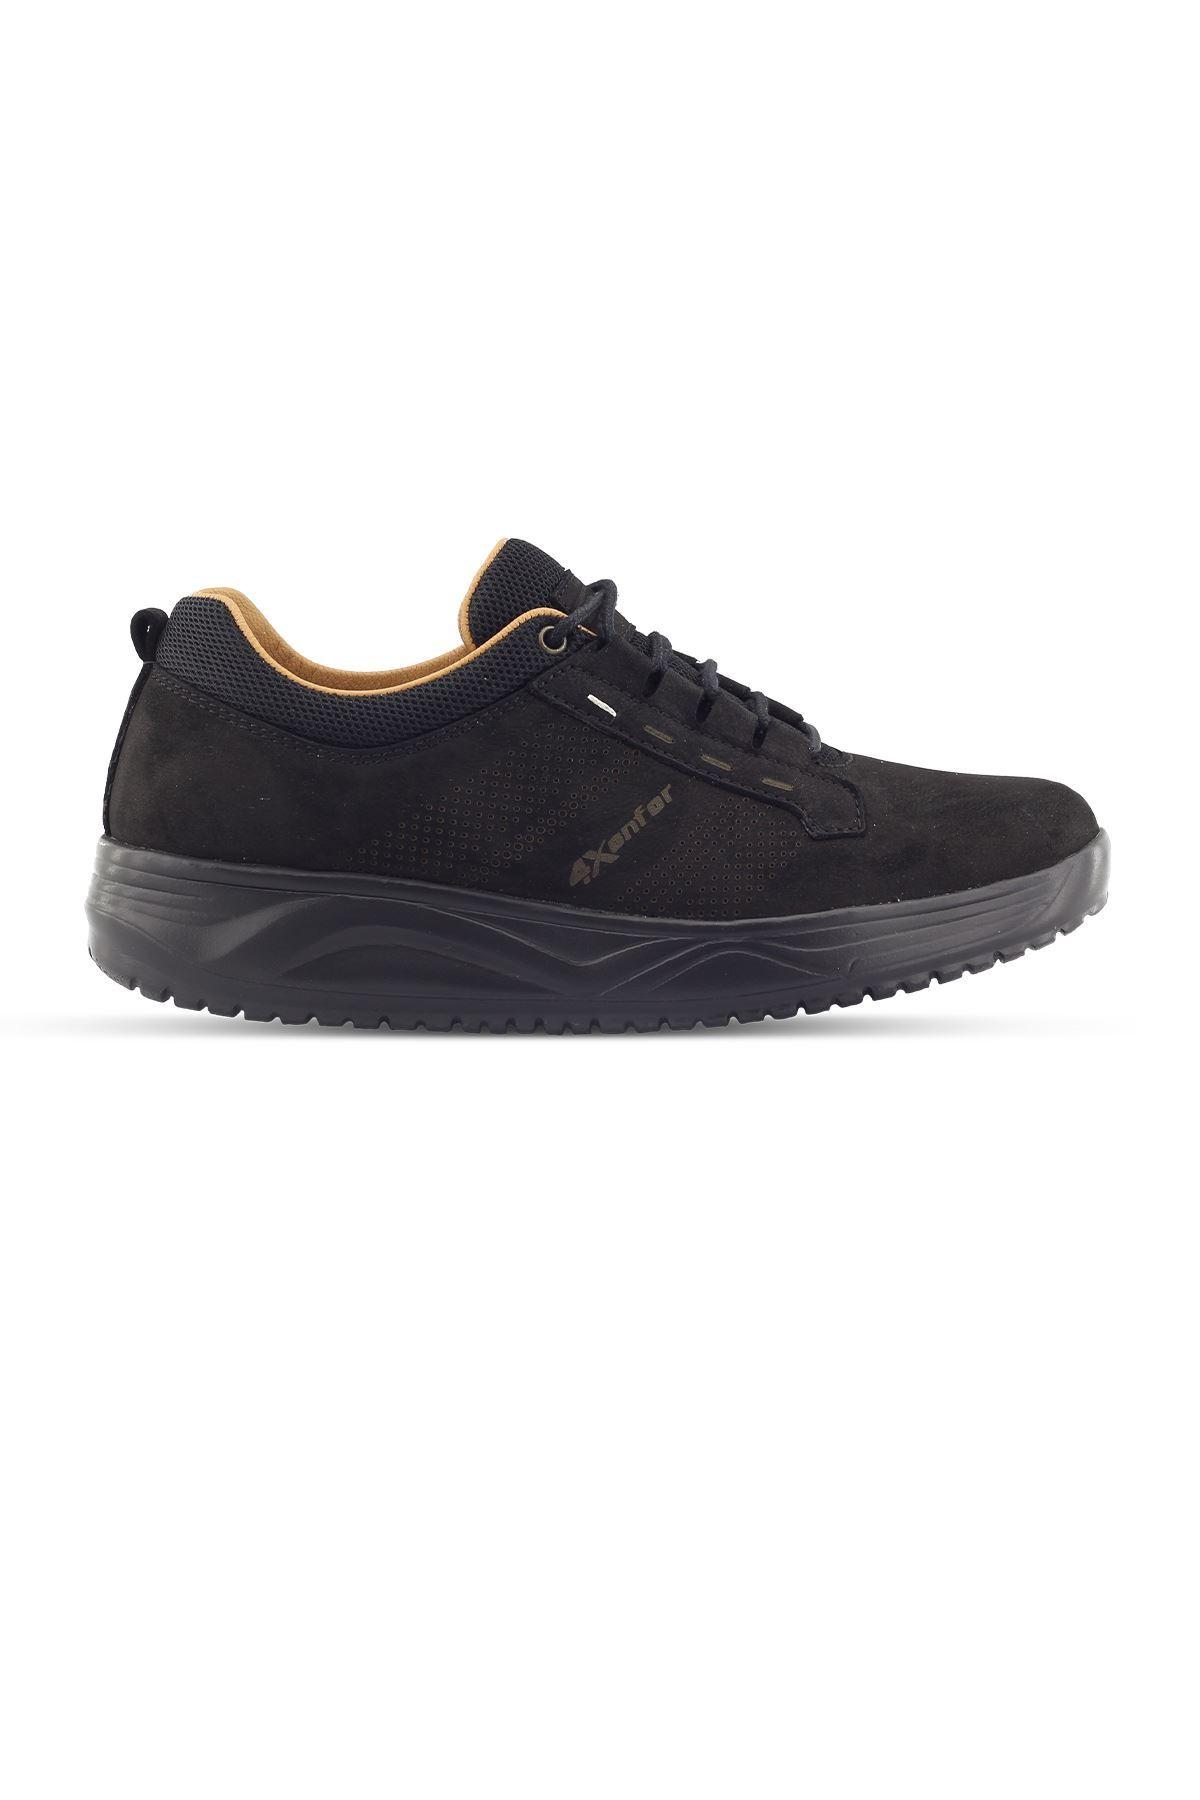 1875 Nubuk Siyah Erkek Yürüyüş Ayakkabısı